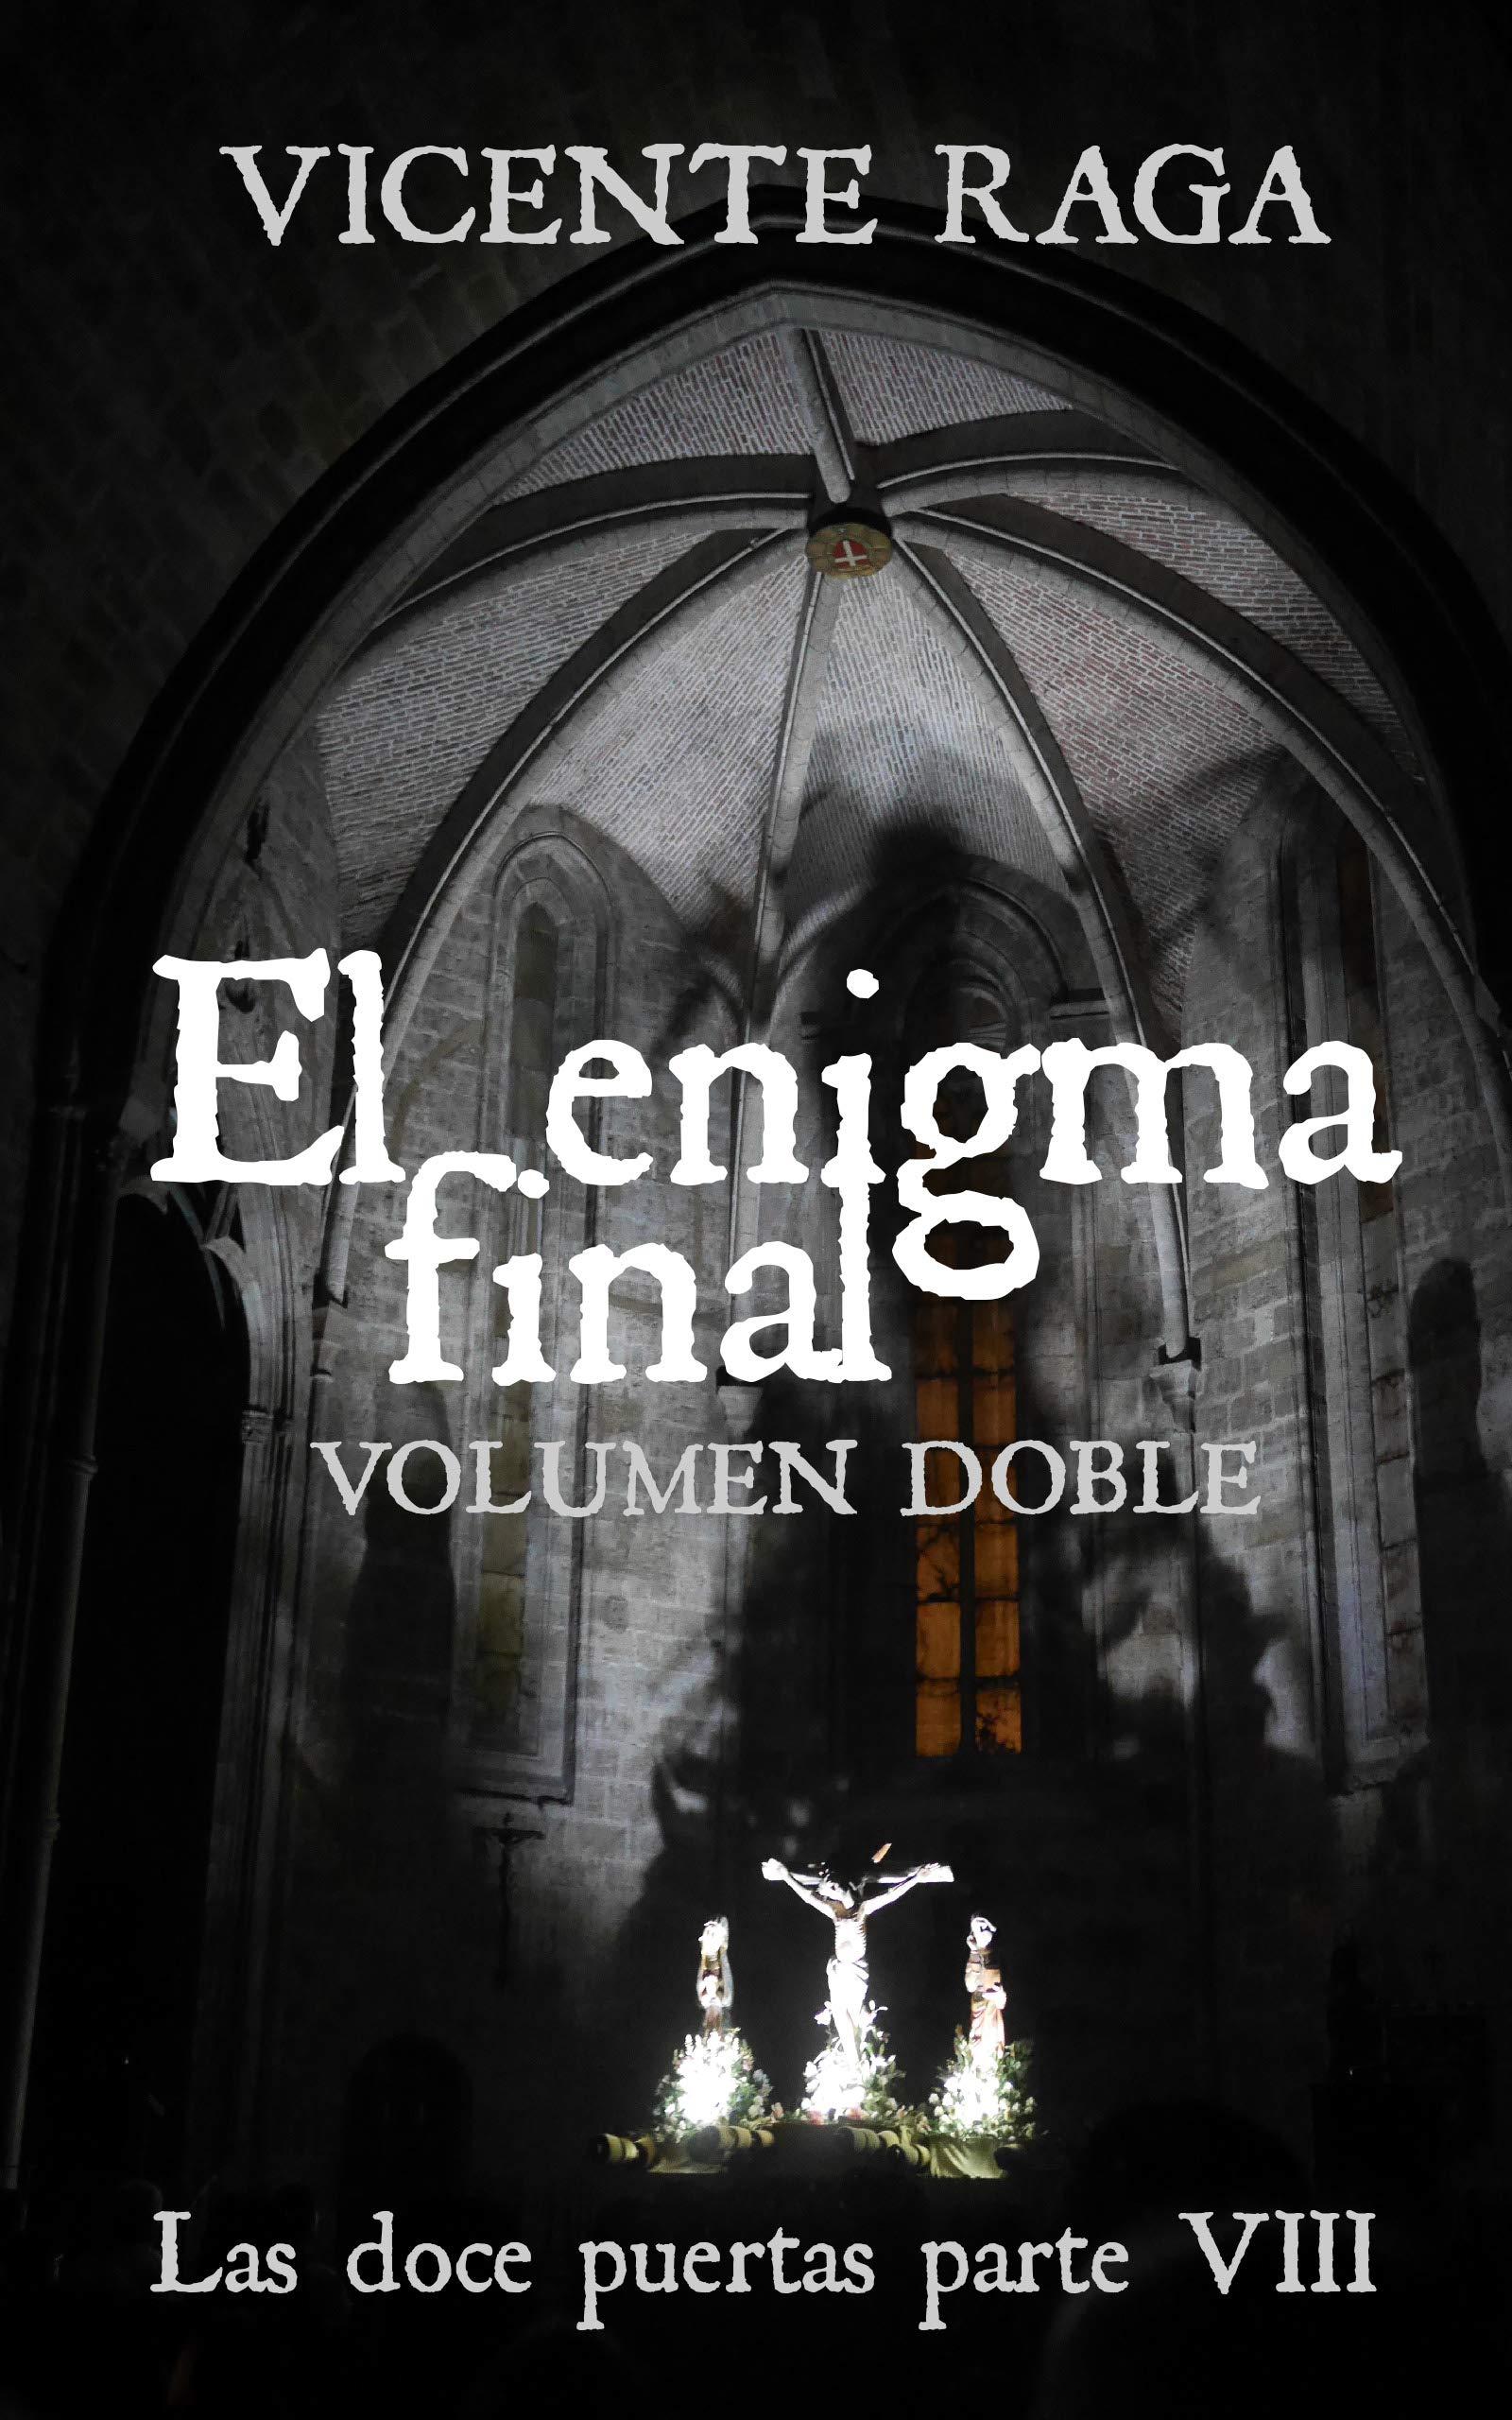 El enigma final - Volumen doble: Las doce puertas parte VIII por Vicente Raga